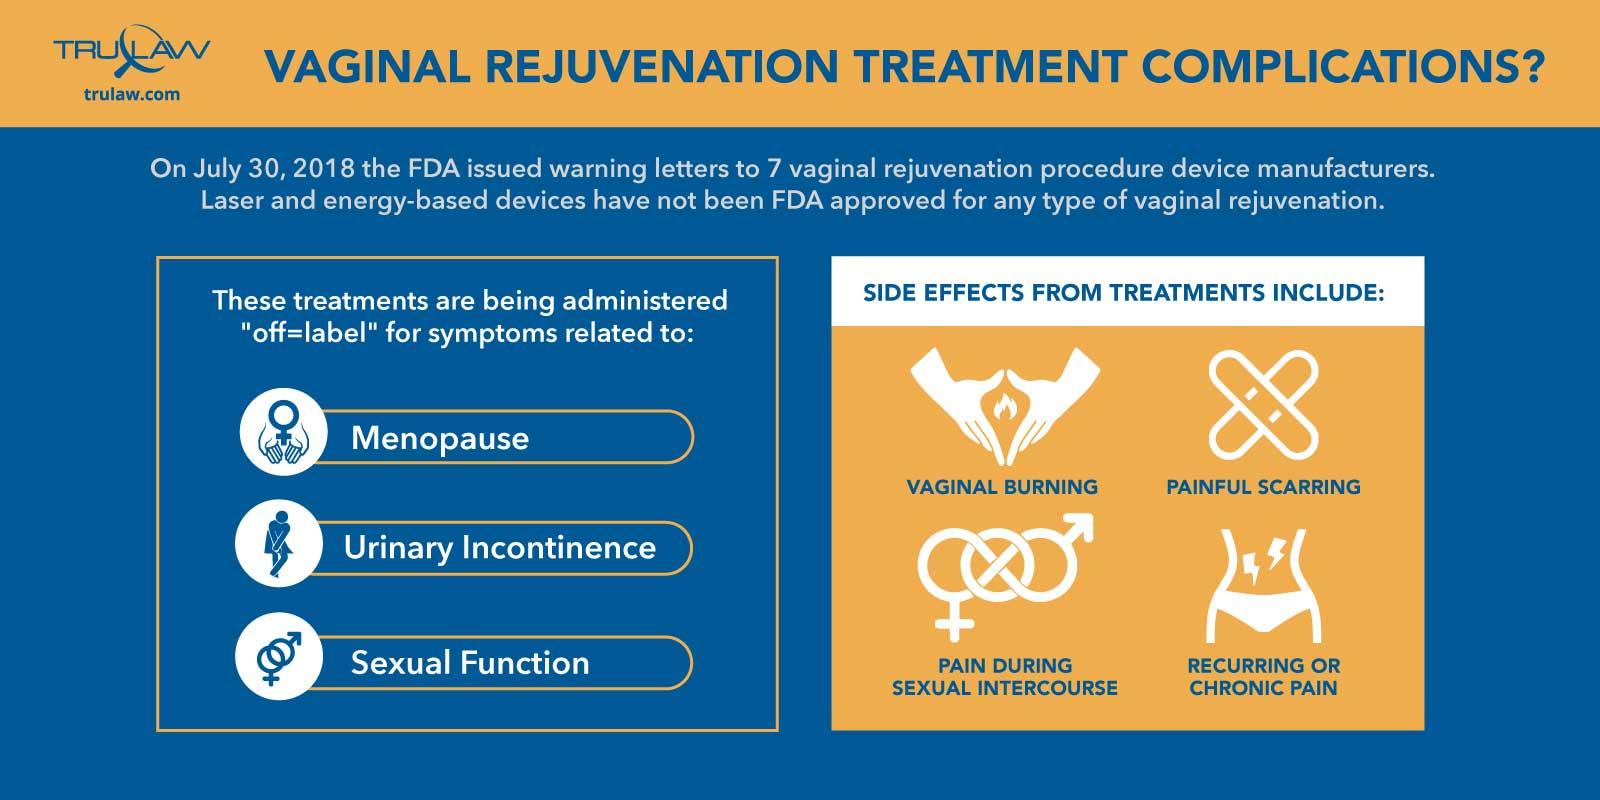 vaginal-rejuvenation-treatment-complications-infographic